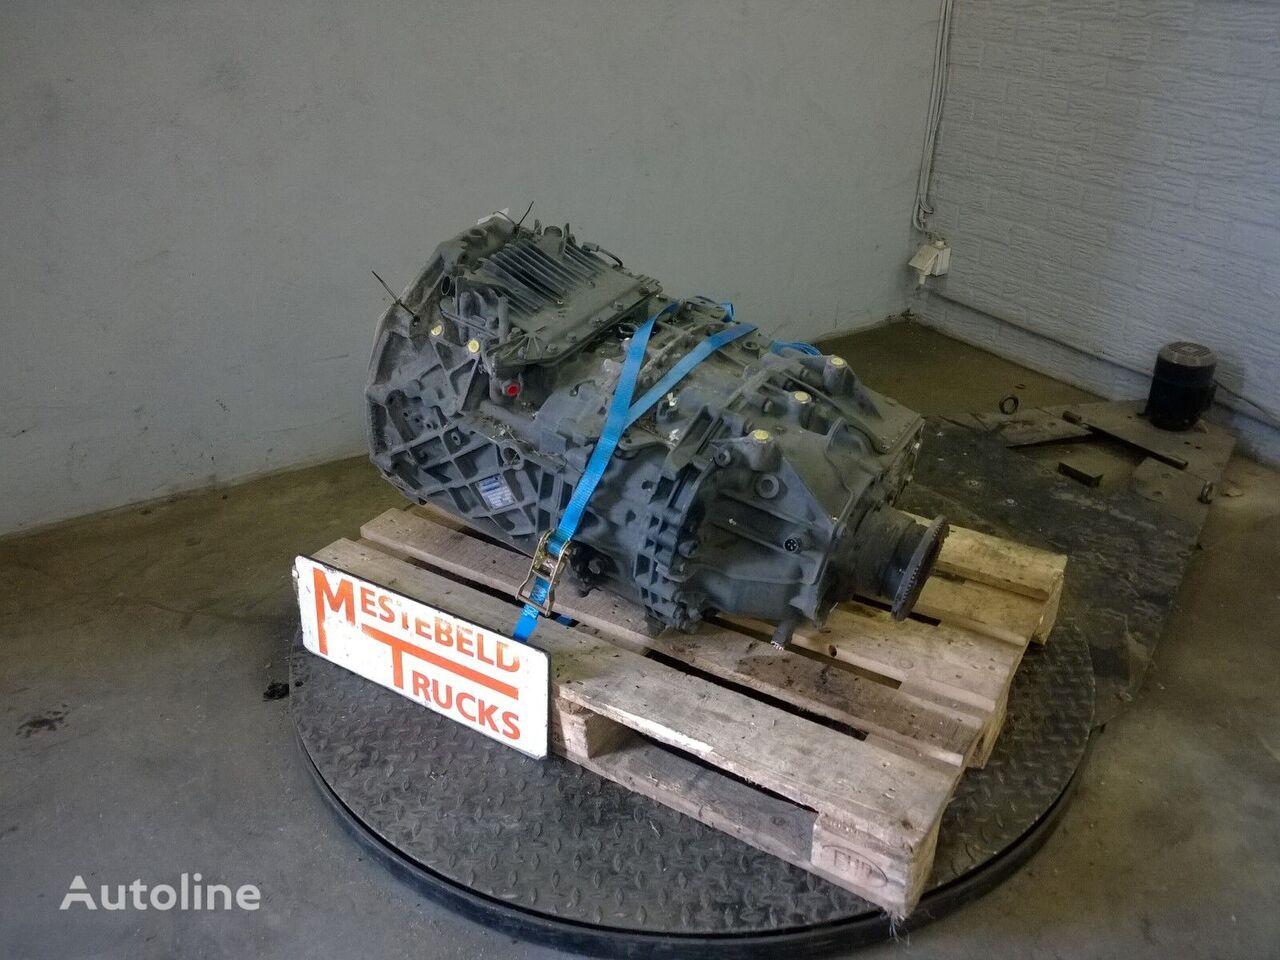 φορτηγό MAN Versnellingbak 12AS 2130 TD για κιβώτιο ταχυτήτων MAN 12AS 2130 TD